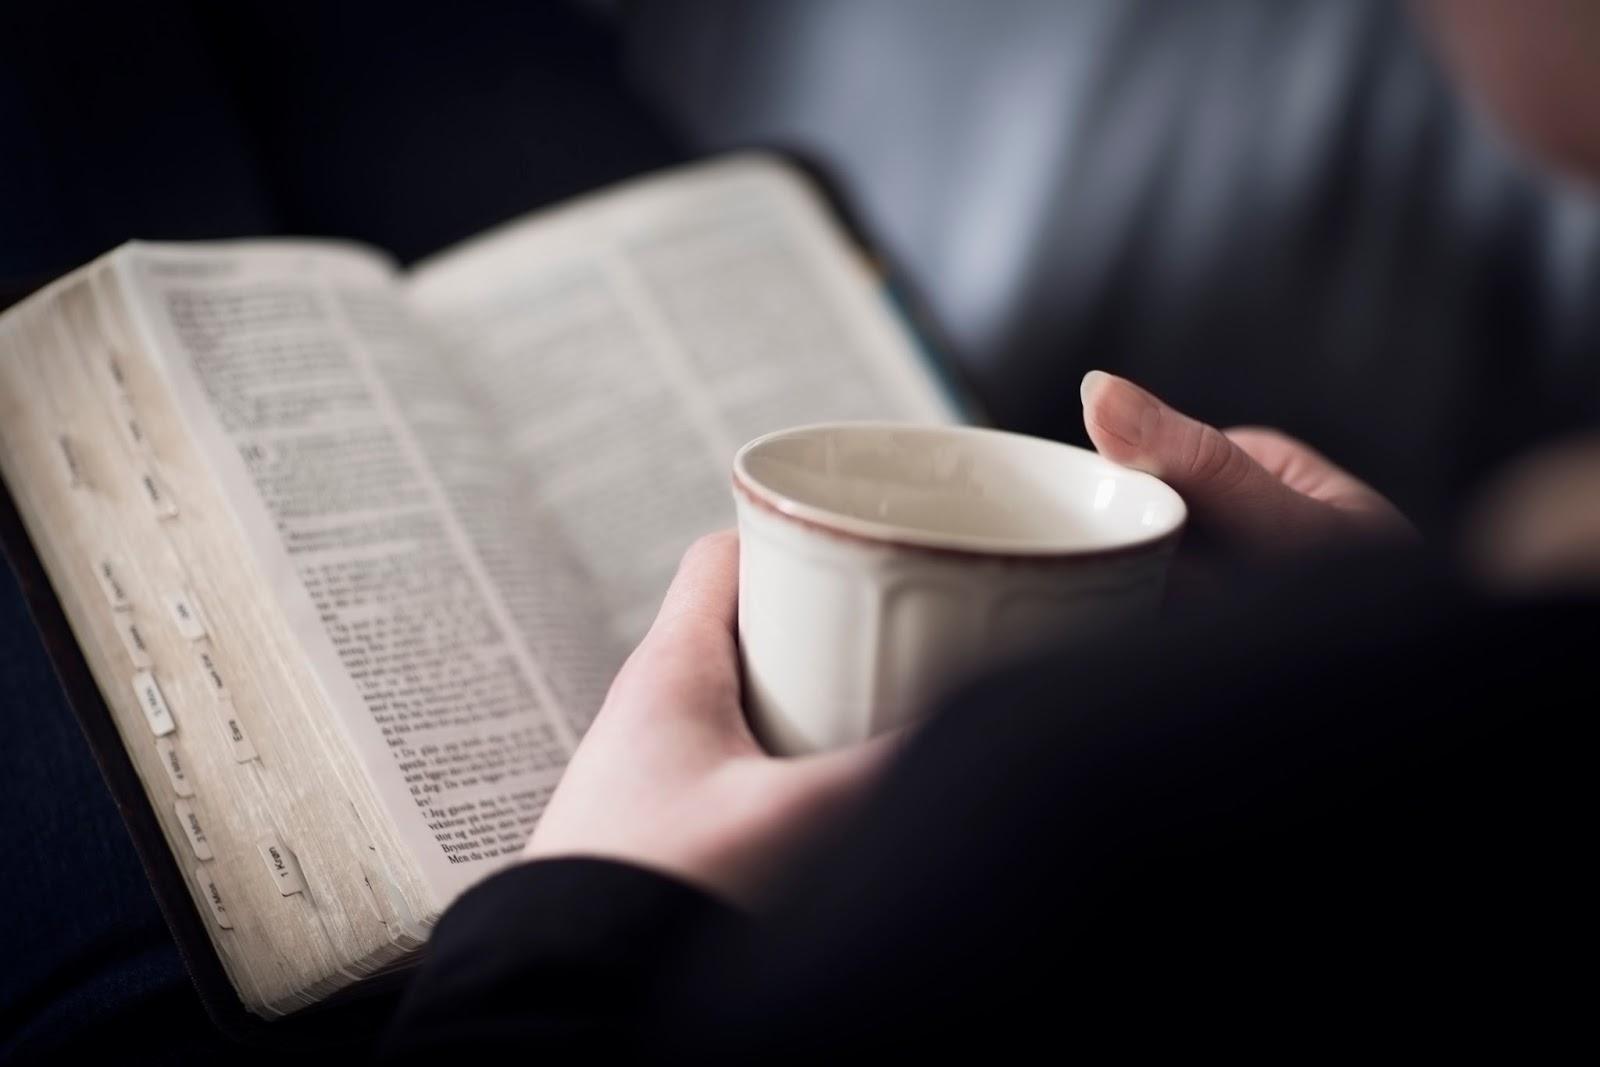 Matrimonio Biblia Quiz : 7 claves para un mejor estudio bíblico 7 keys to better bible